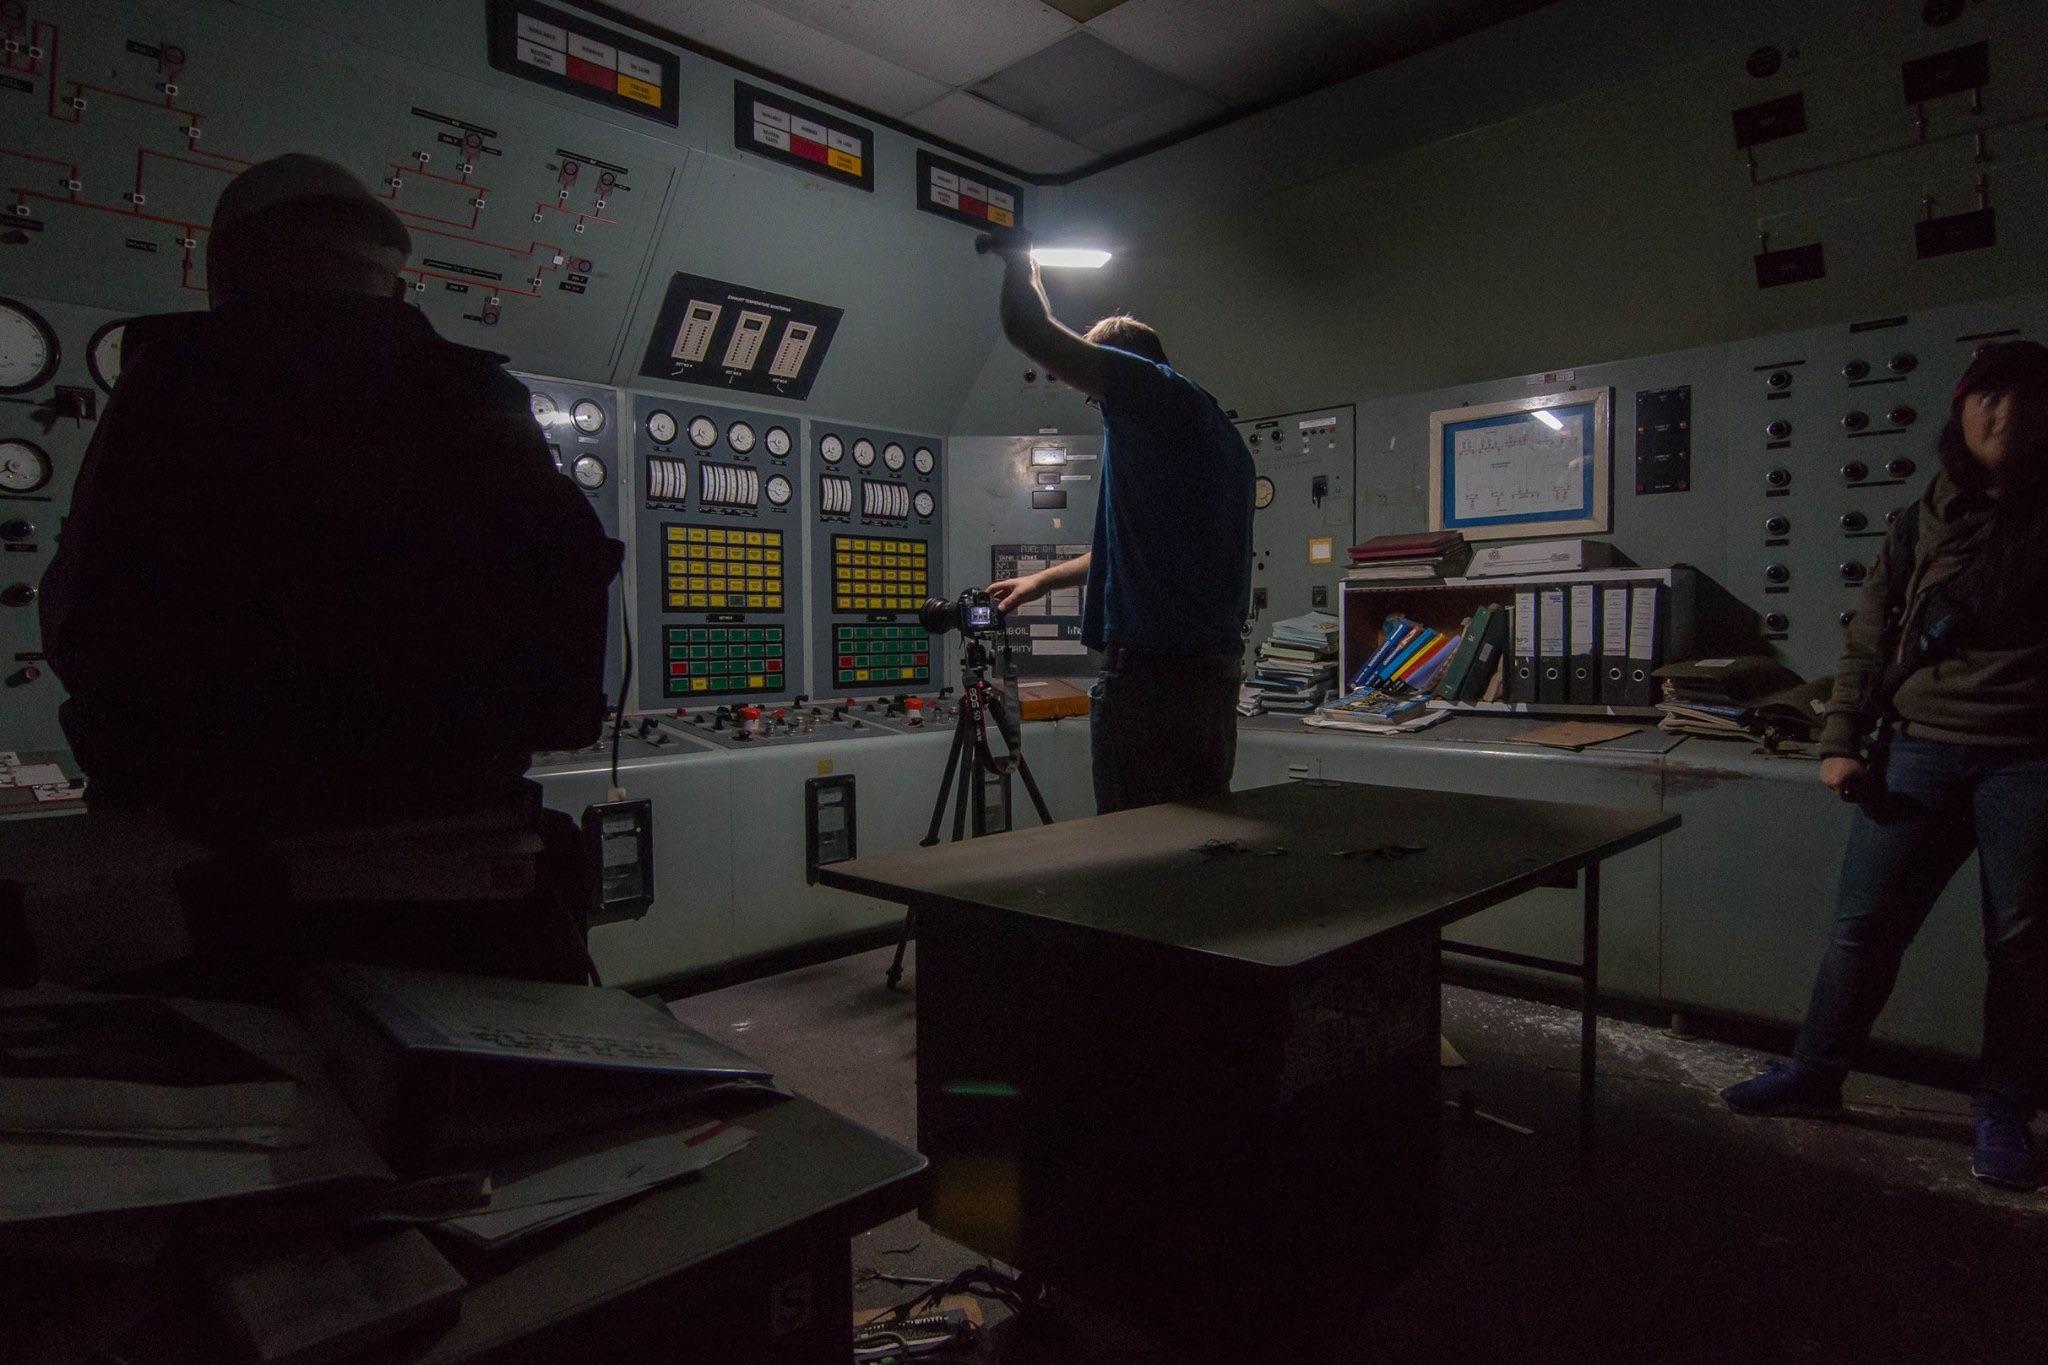 bunker control room Ian Cooper